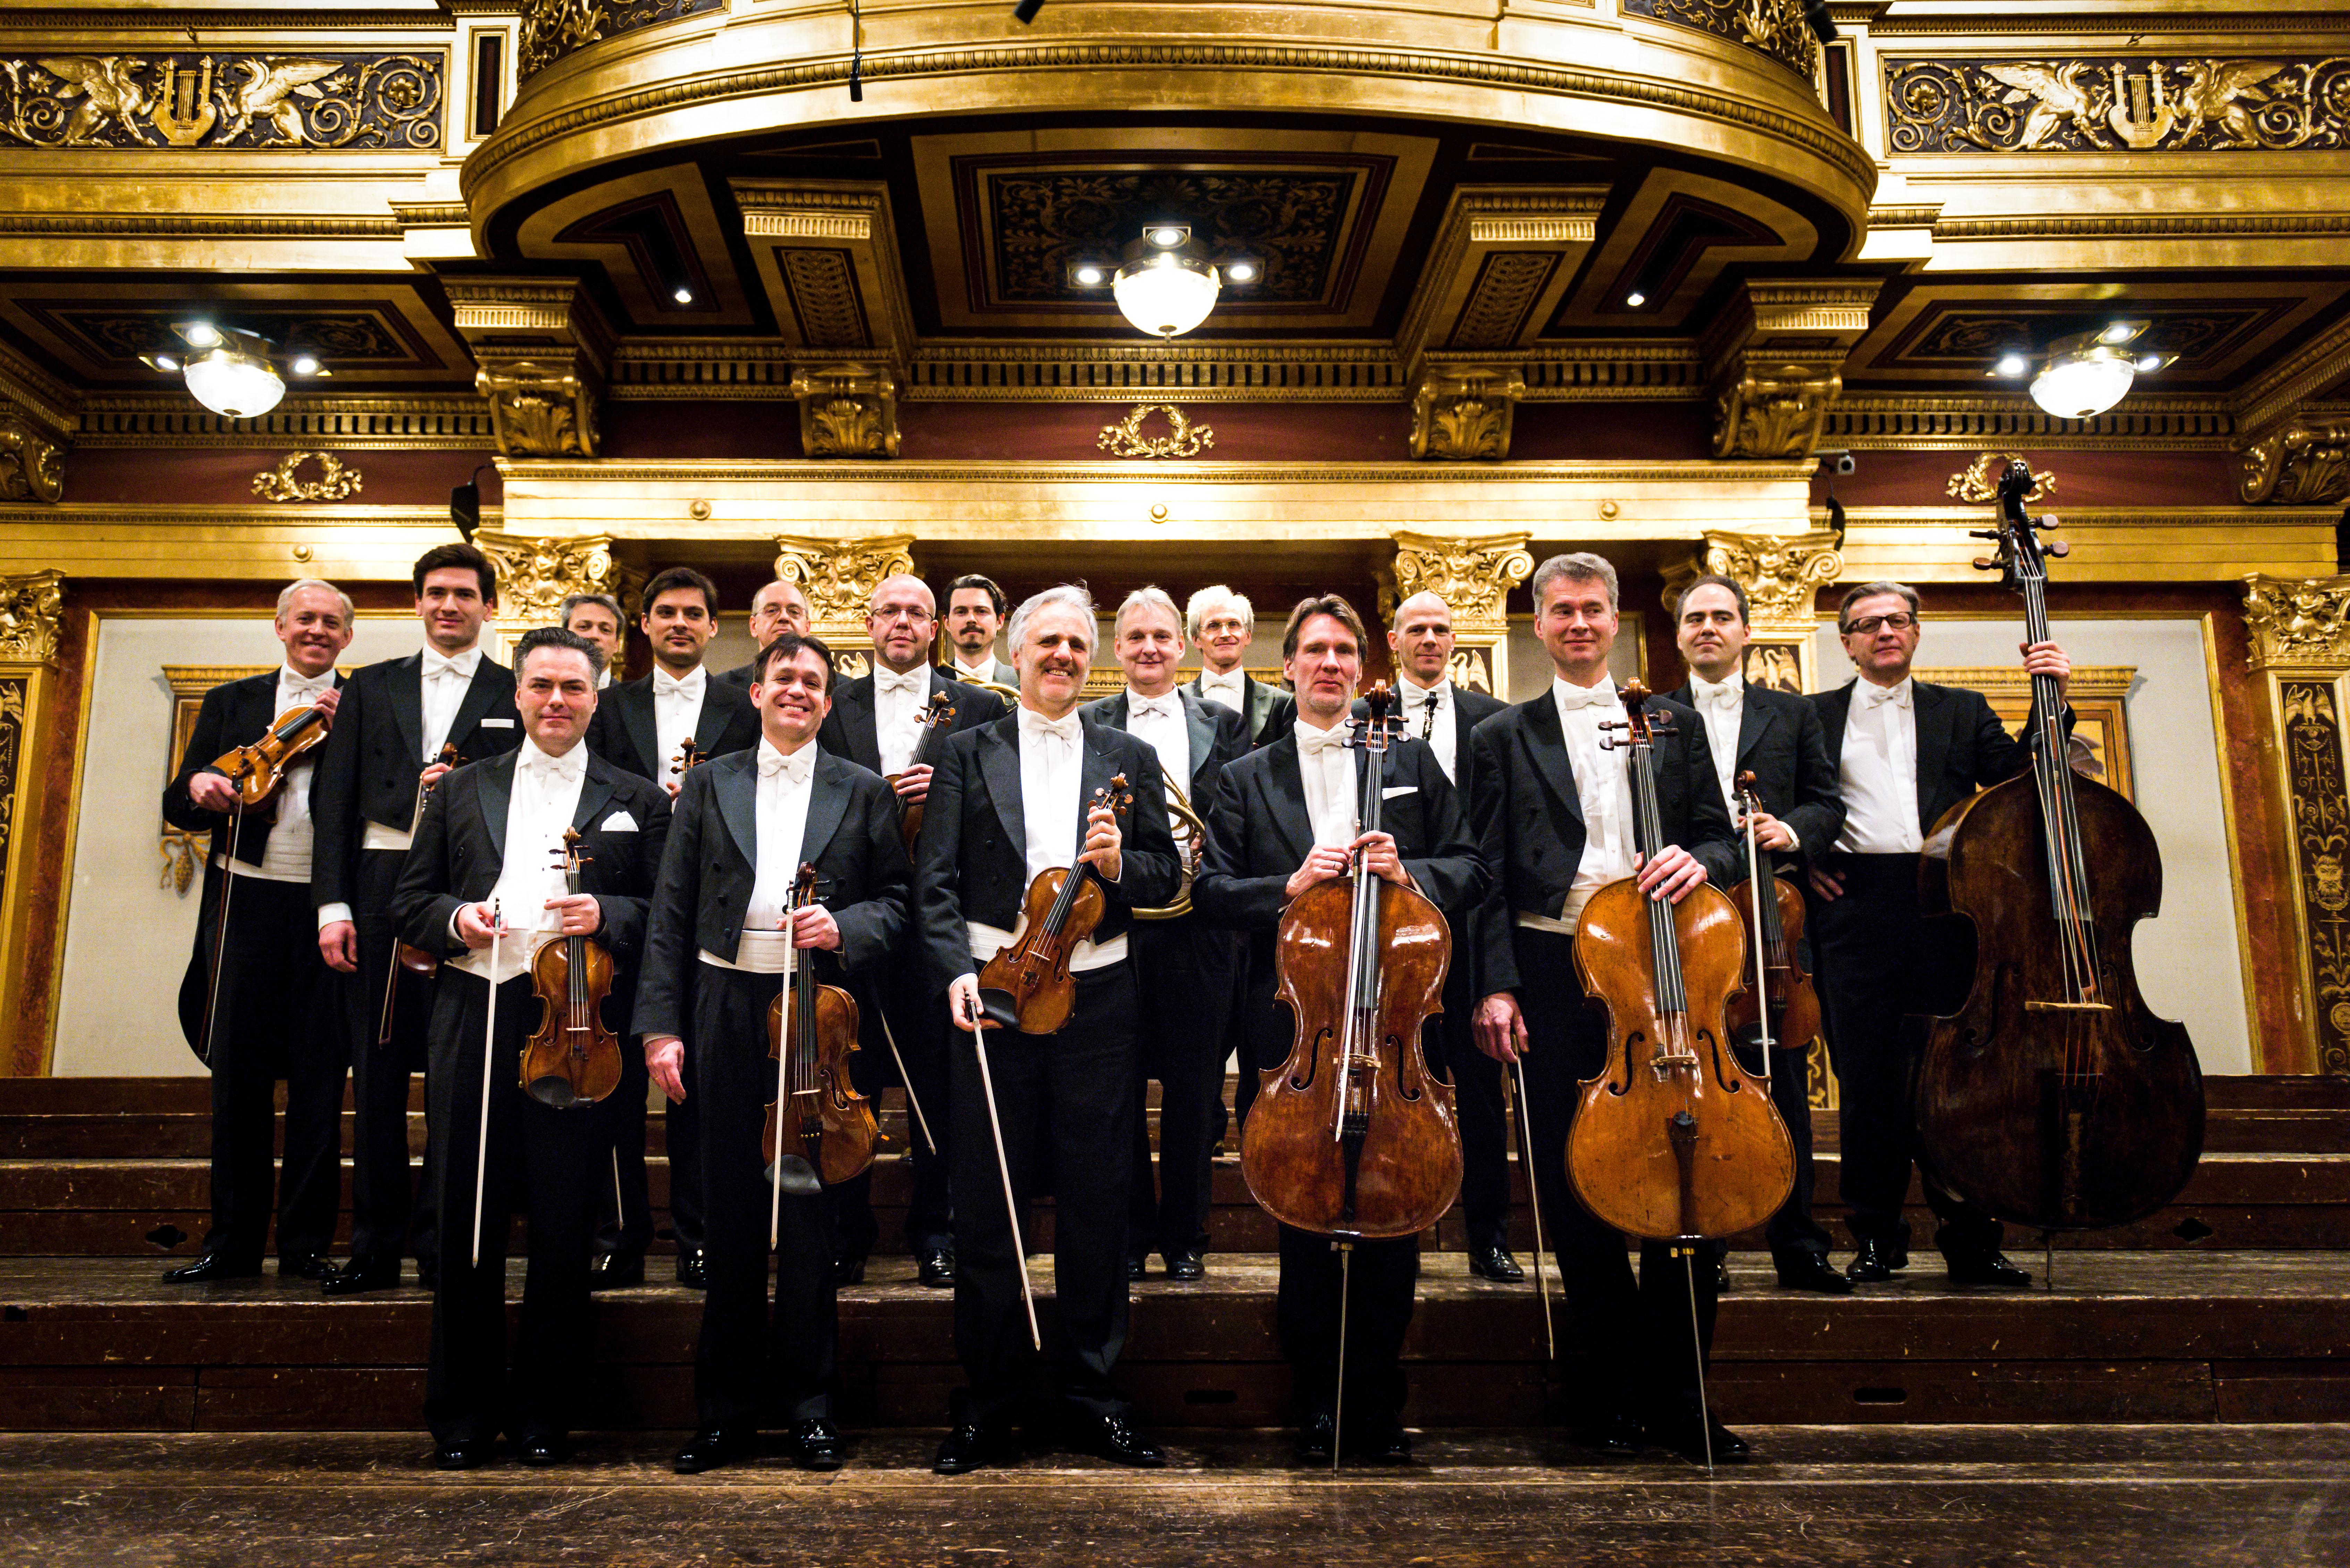 비엔나 & 베를린 챔버 오케스트라